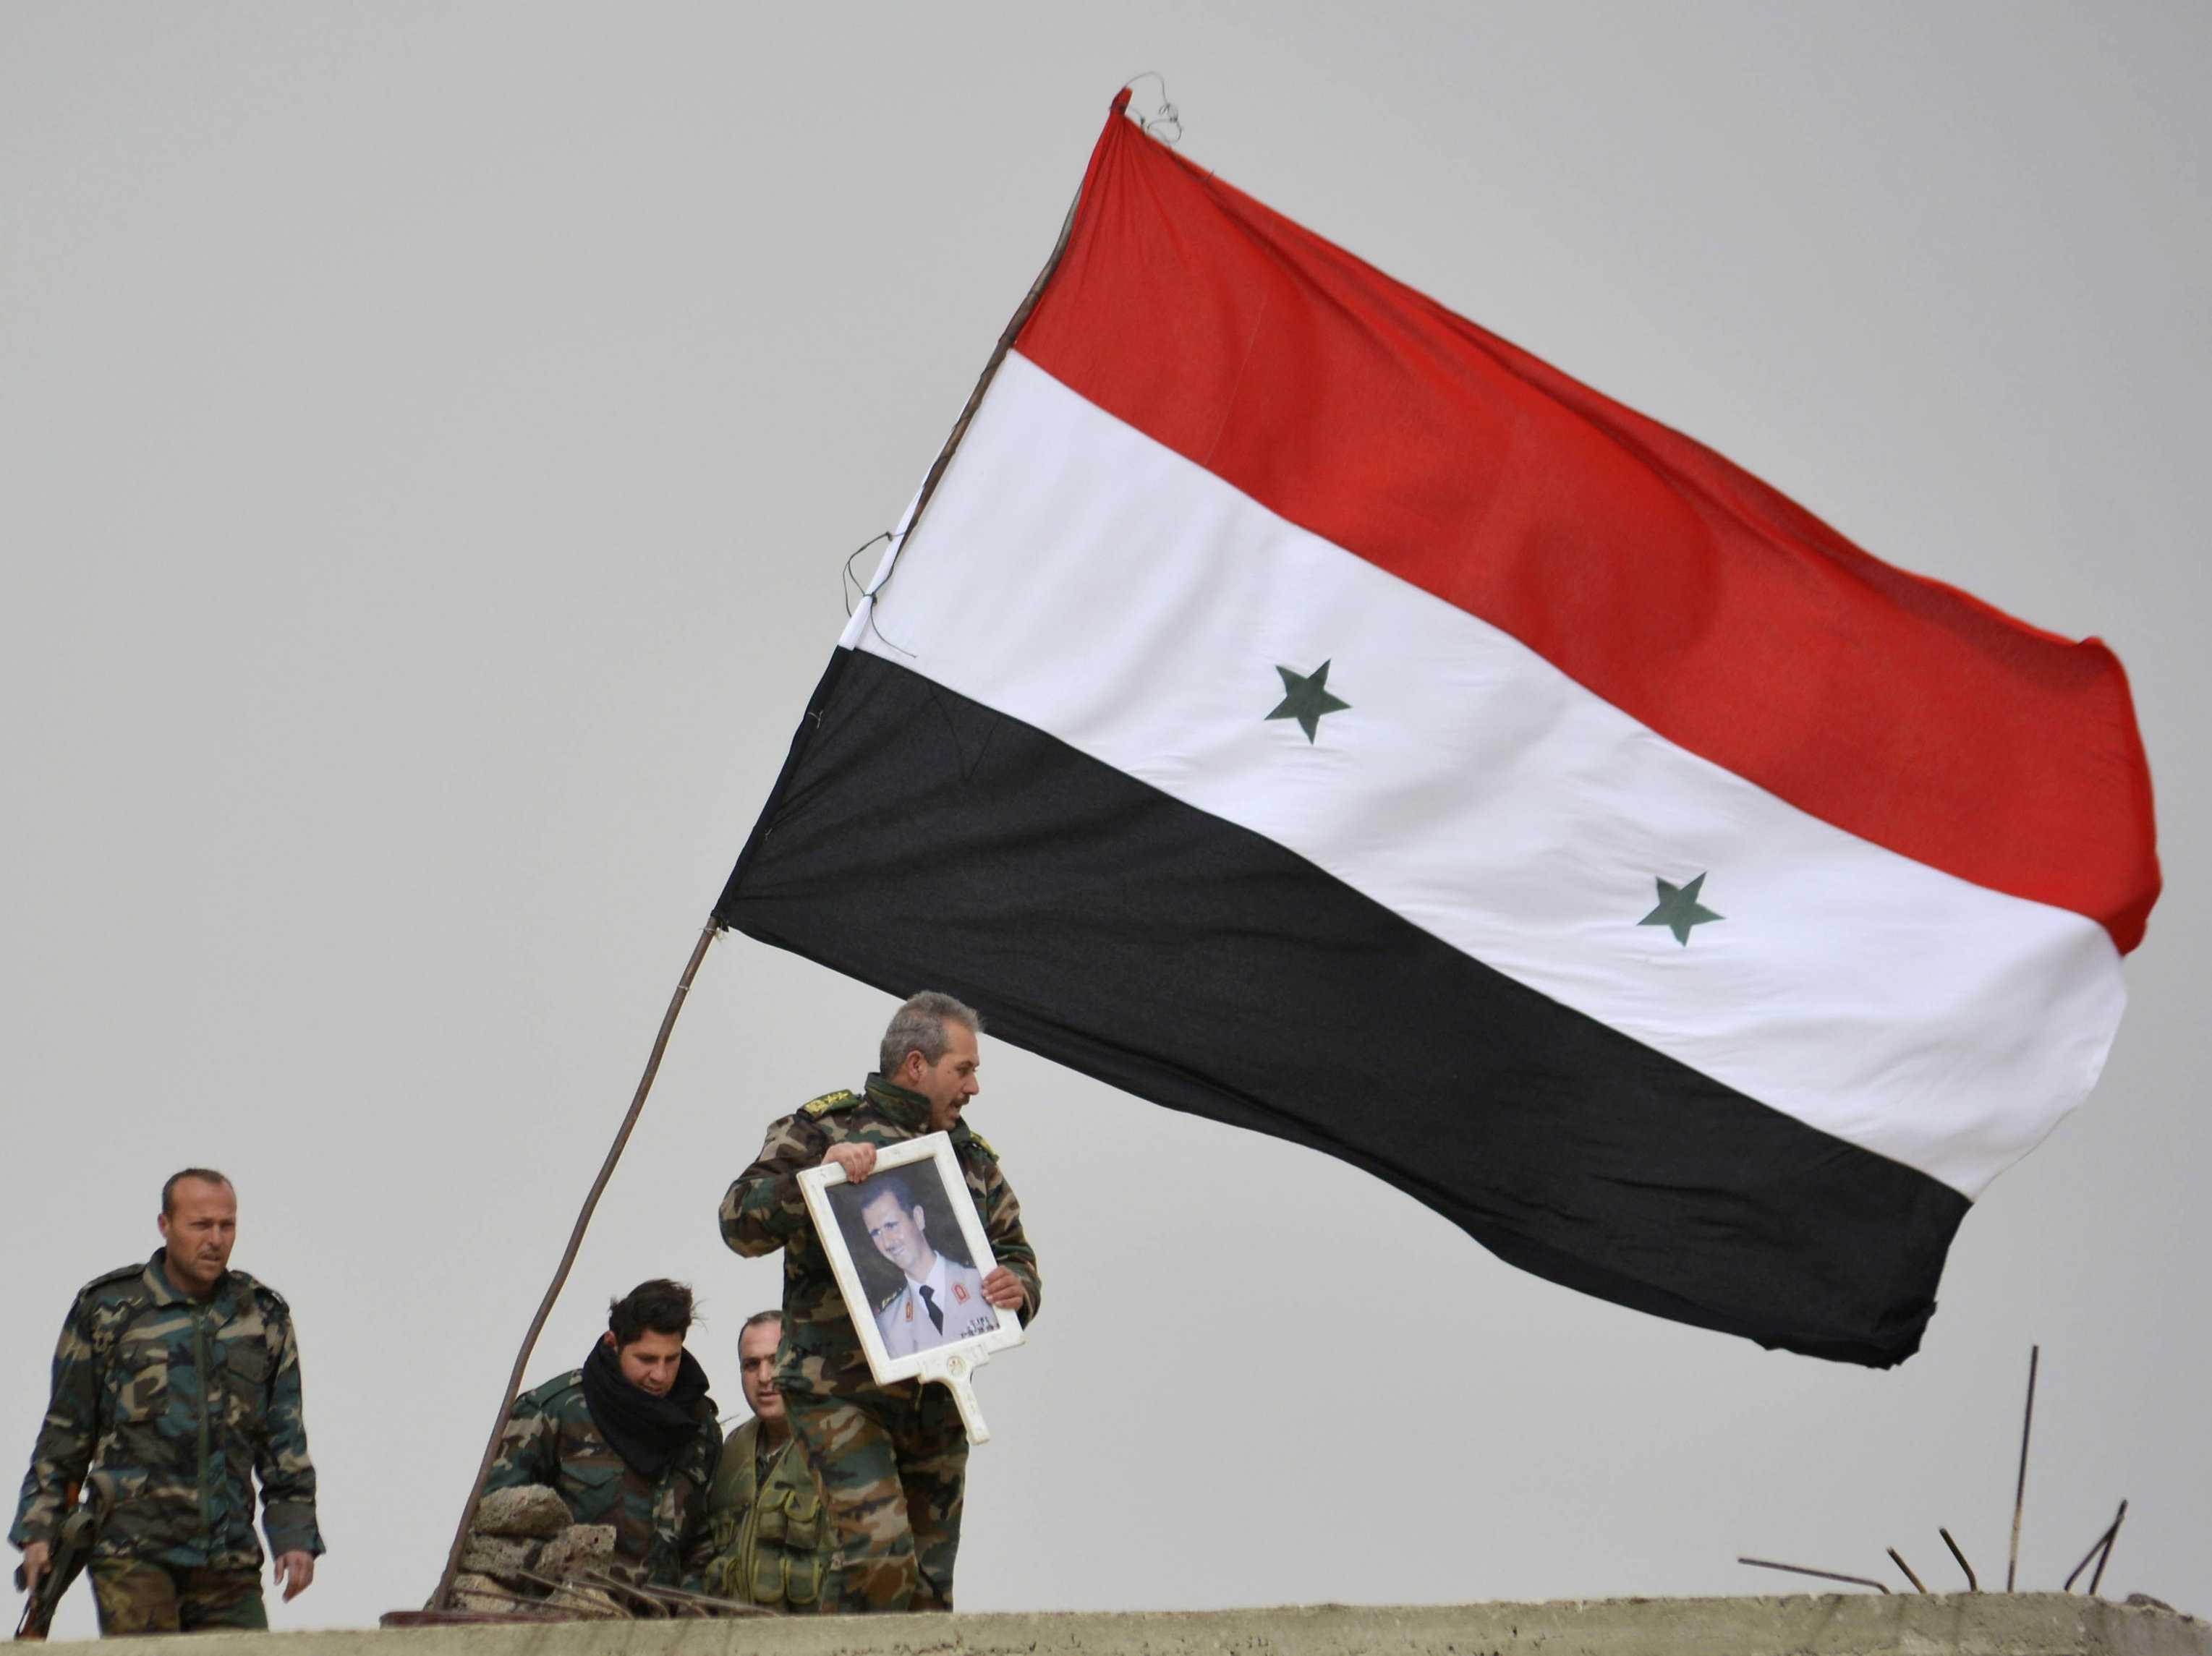 'Rakka'da halk evlerine Suriye bayrağı astı, IŞİD'e karşı ayaklandı'